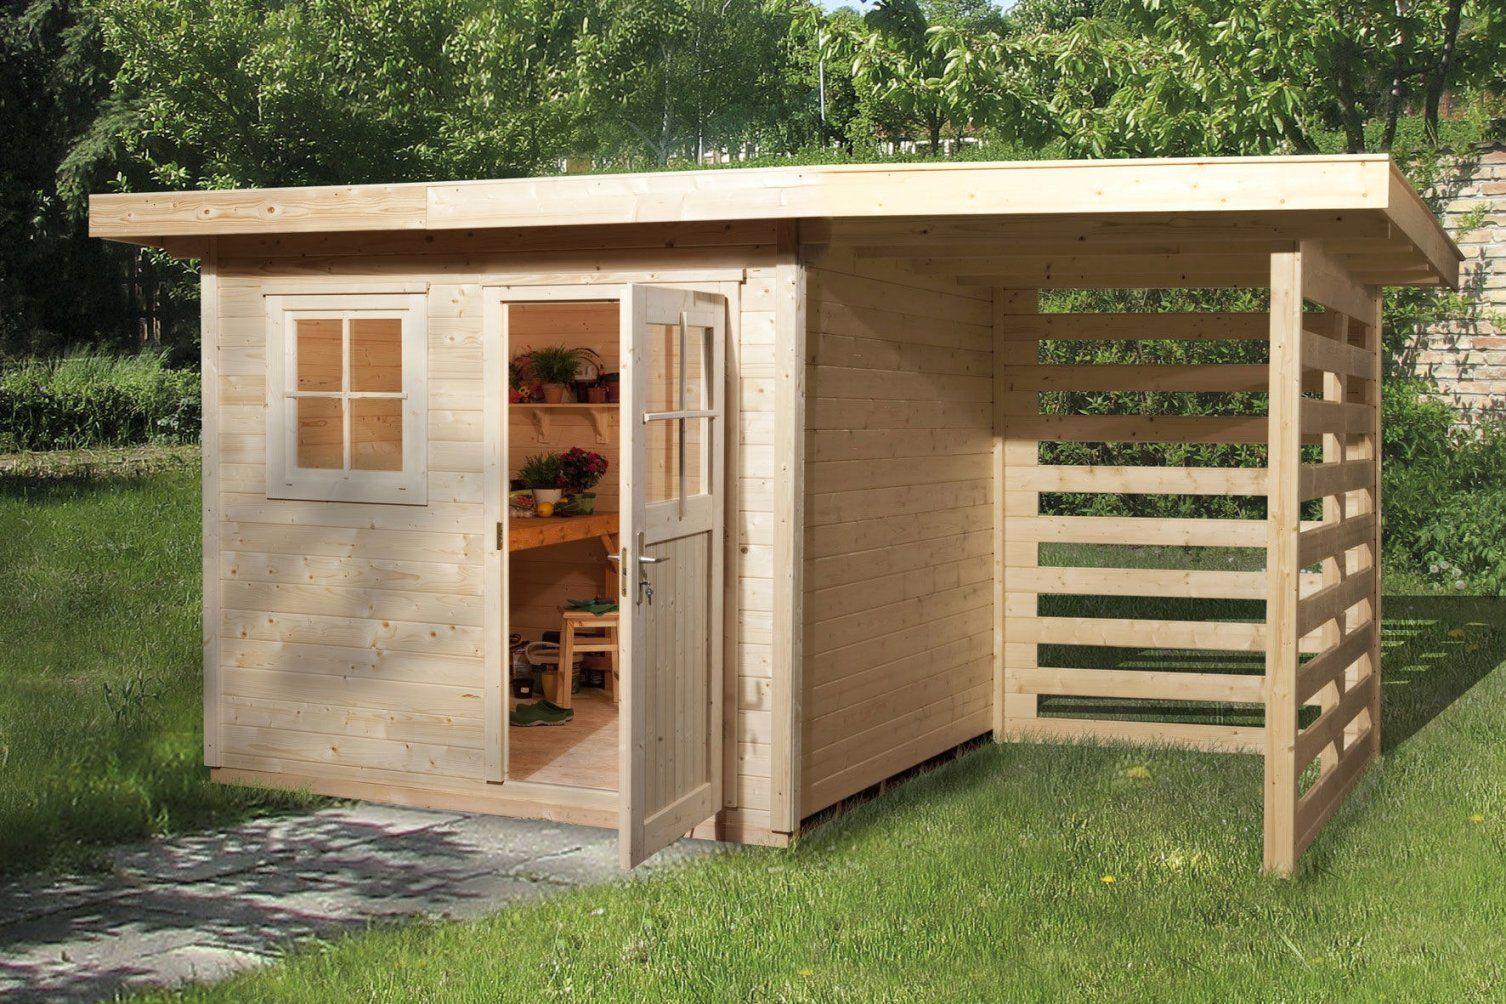 Gartenhaus Mit Pultdach Selber Bauen Gartenhaus Gerätehaus Modern von Gartenhaus Modern Selber Bauen Bild